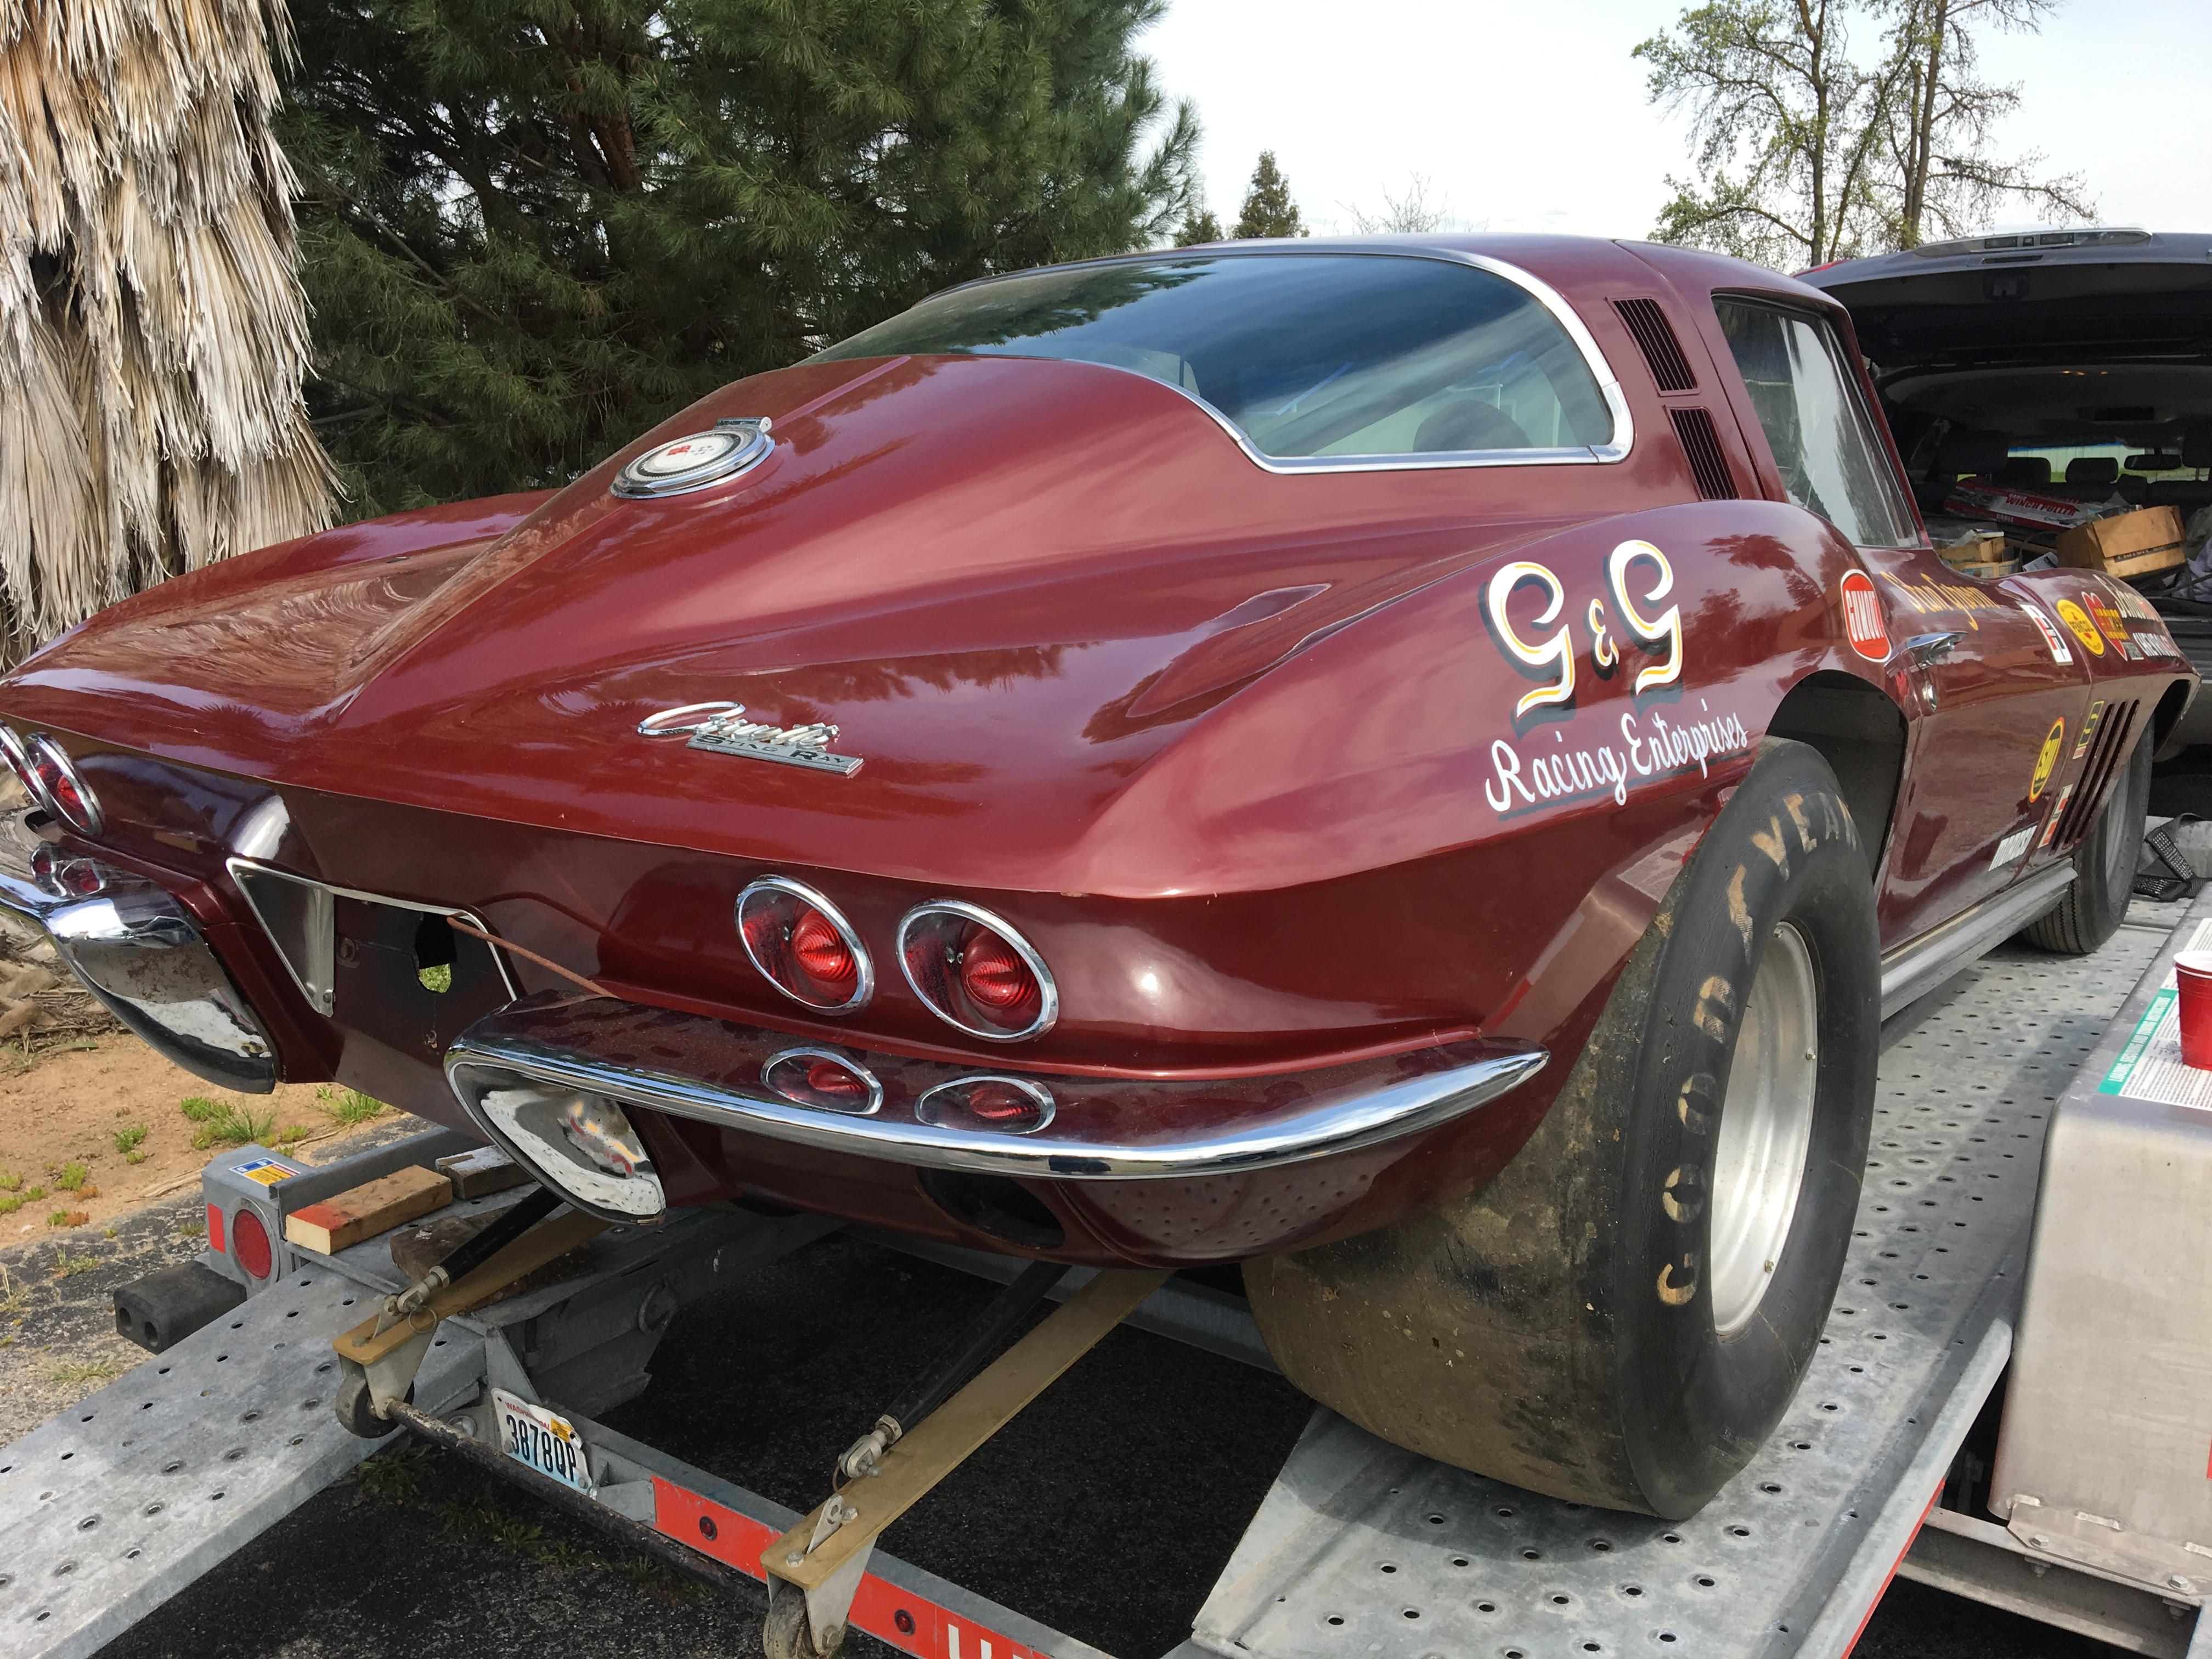 Wayne Yurtin's '65 Race Car